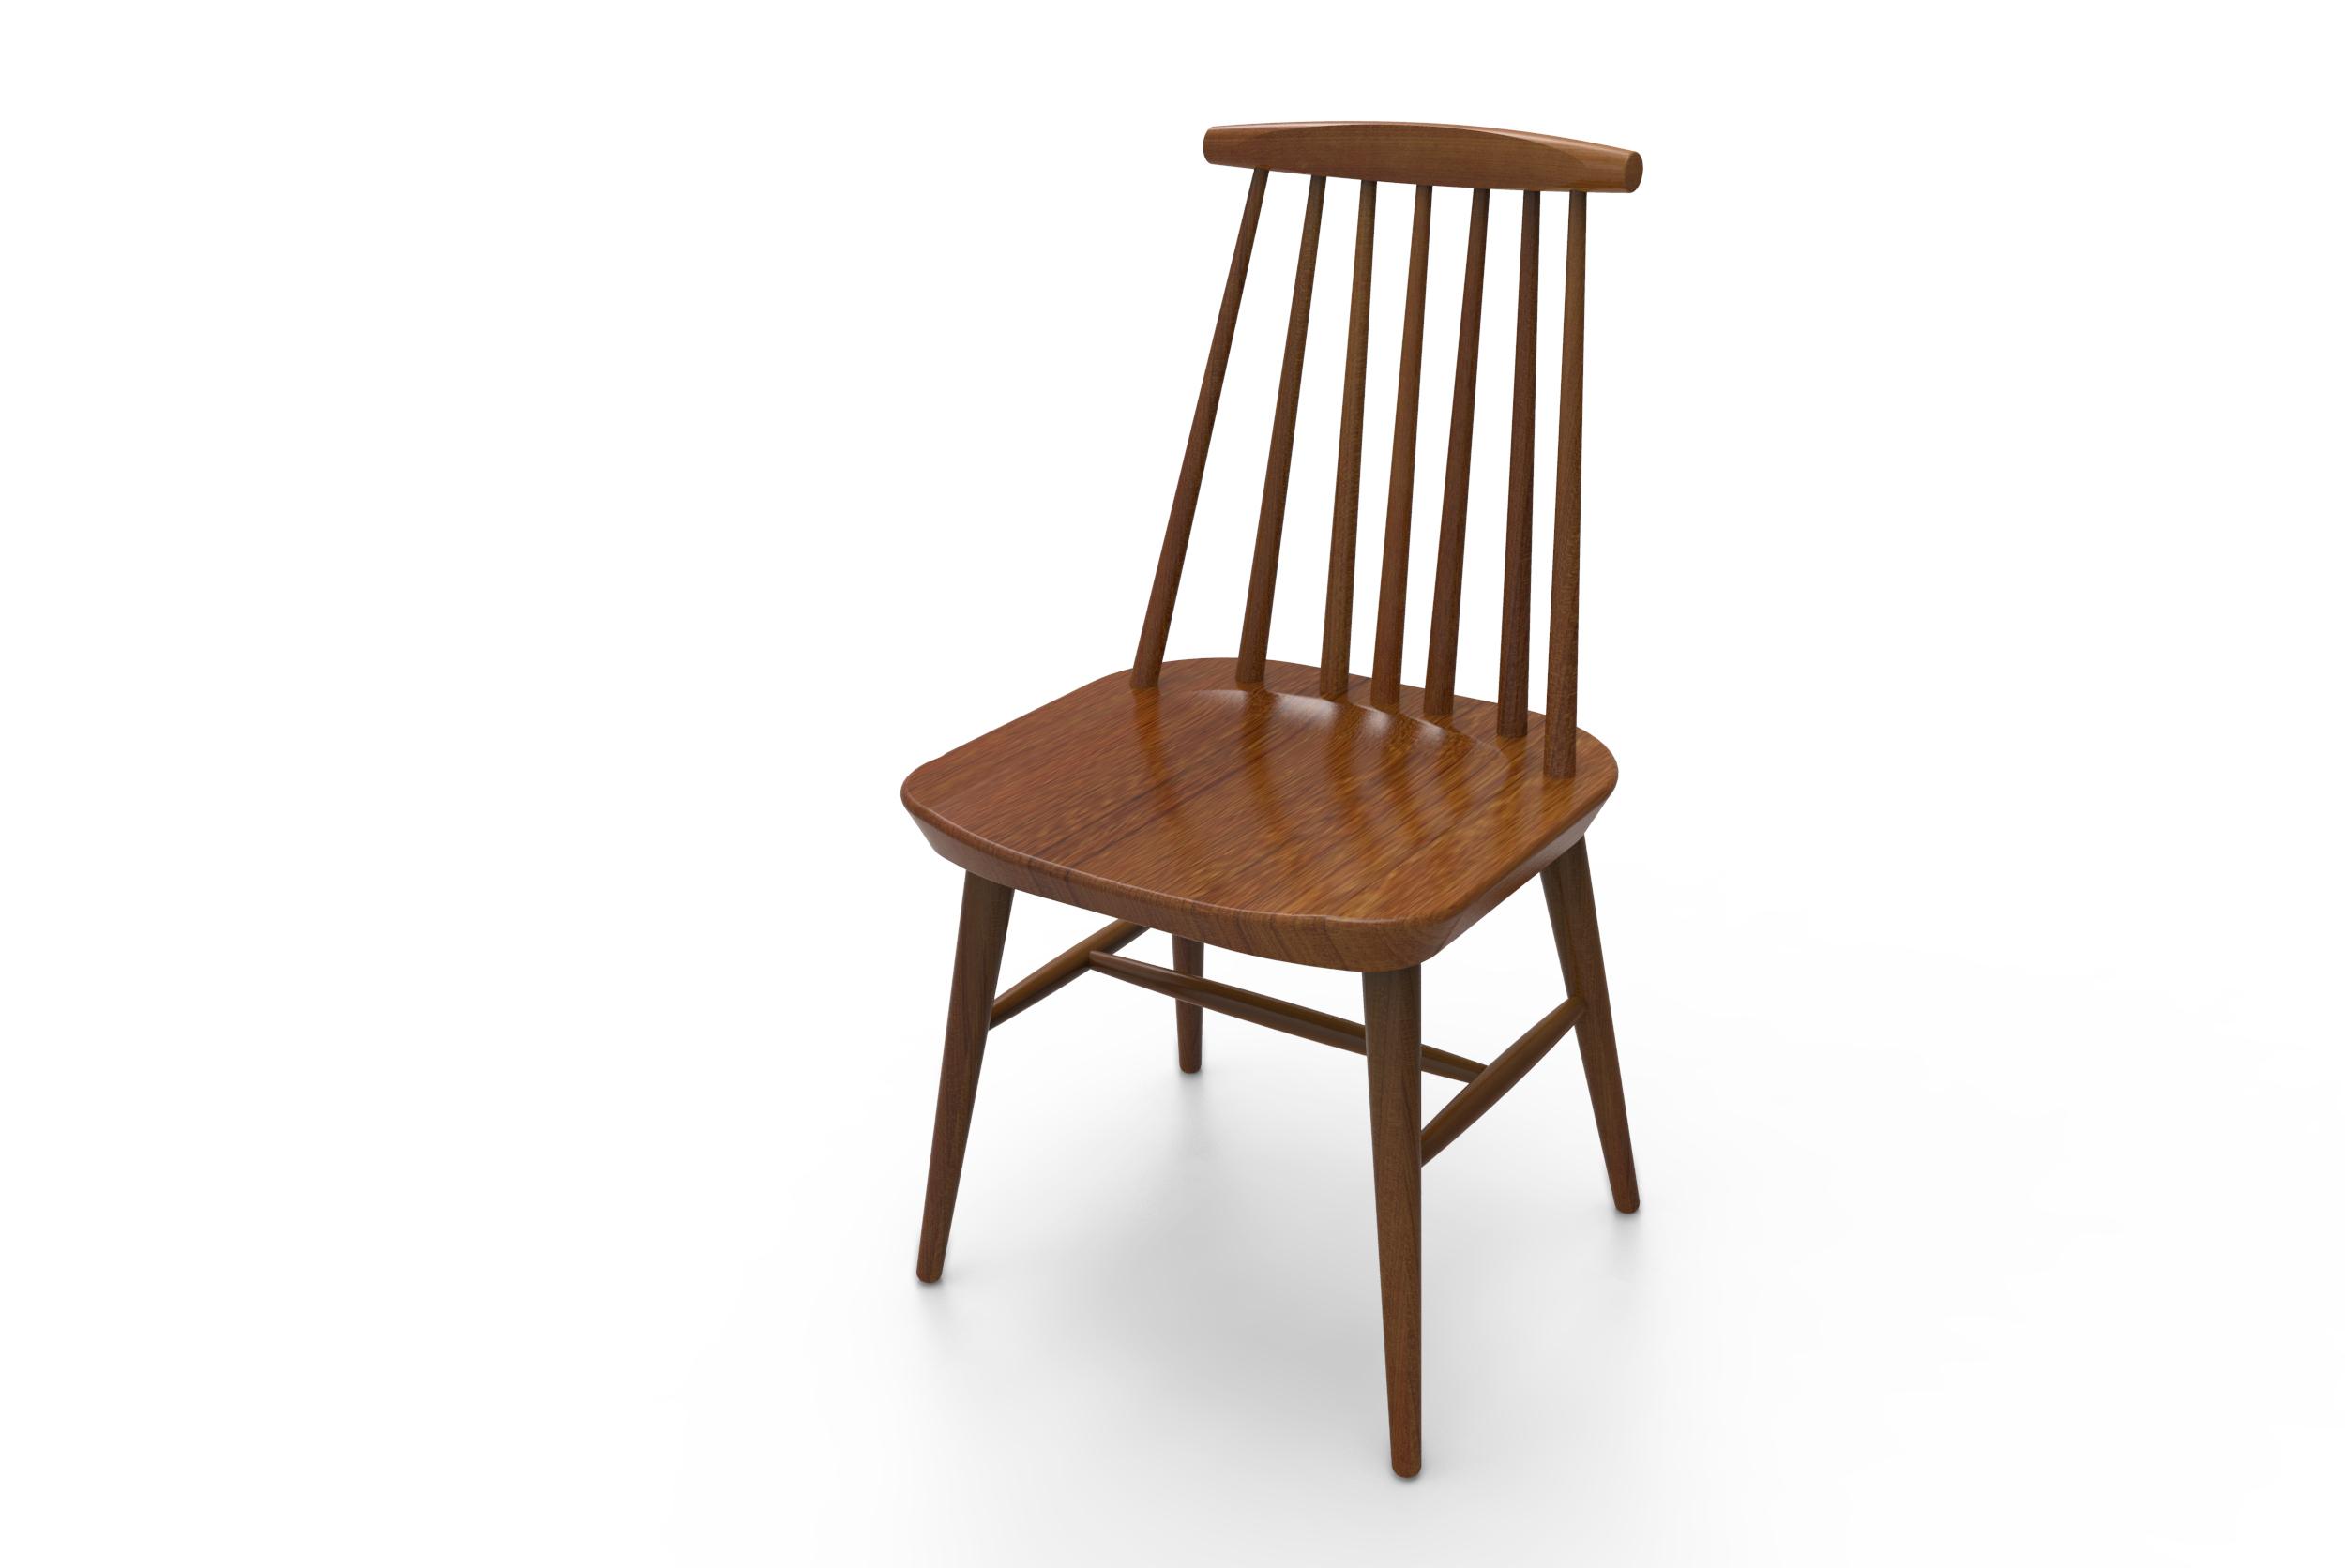 Yespo_Chair_Design_Rendering_3.jpg